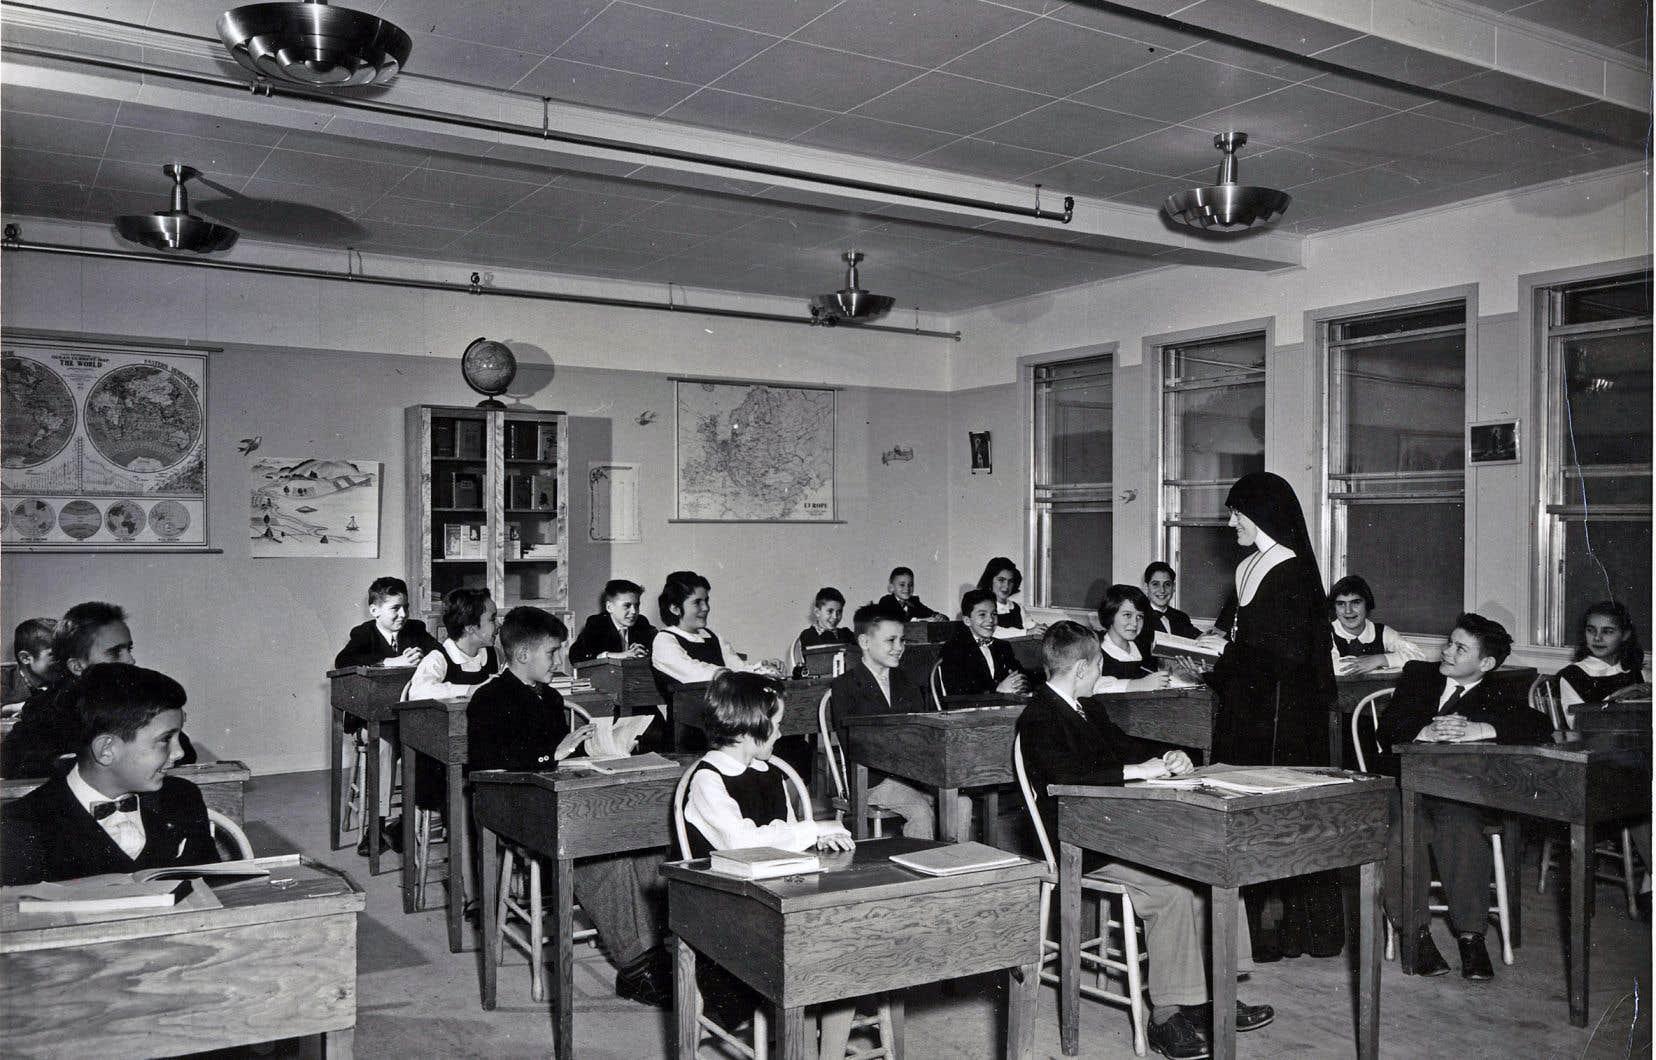 Une photographie non datée d'une religieuse et de sa classe dans une école primaire du Québec.